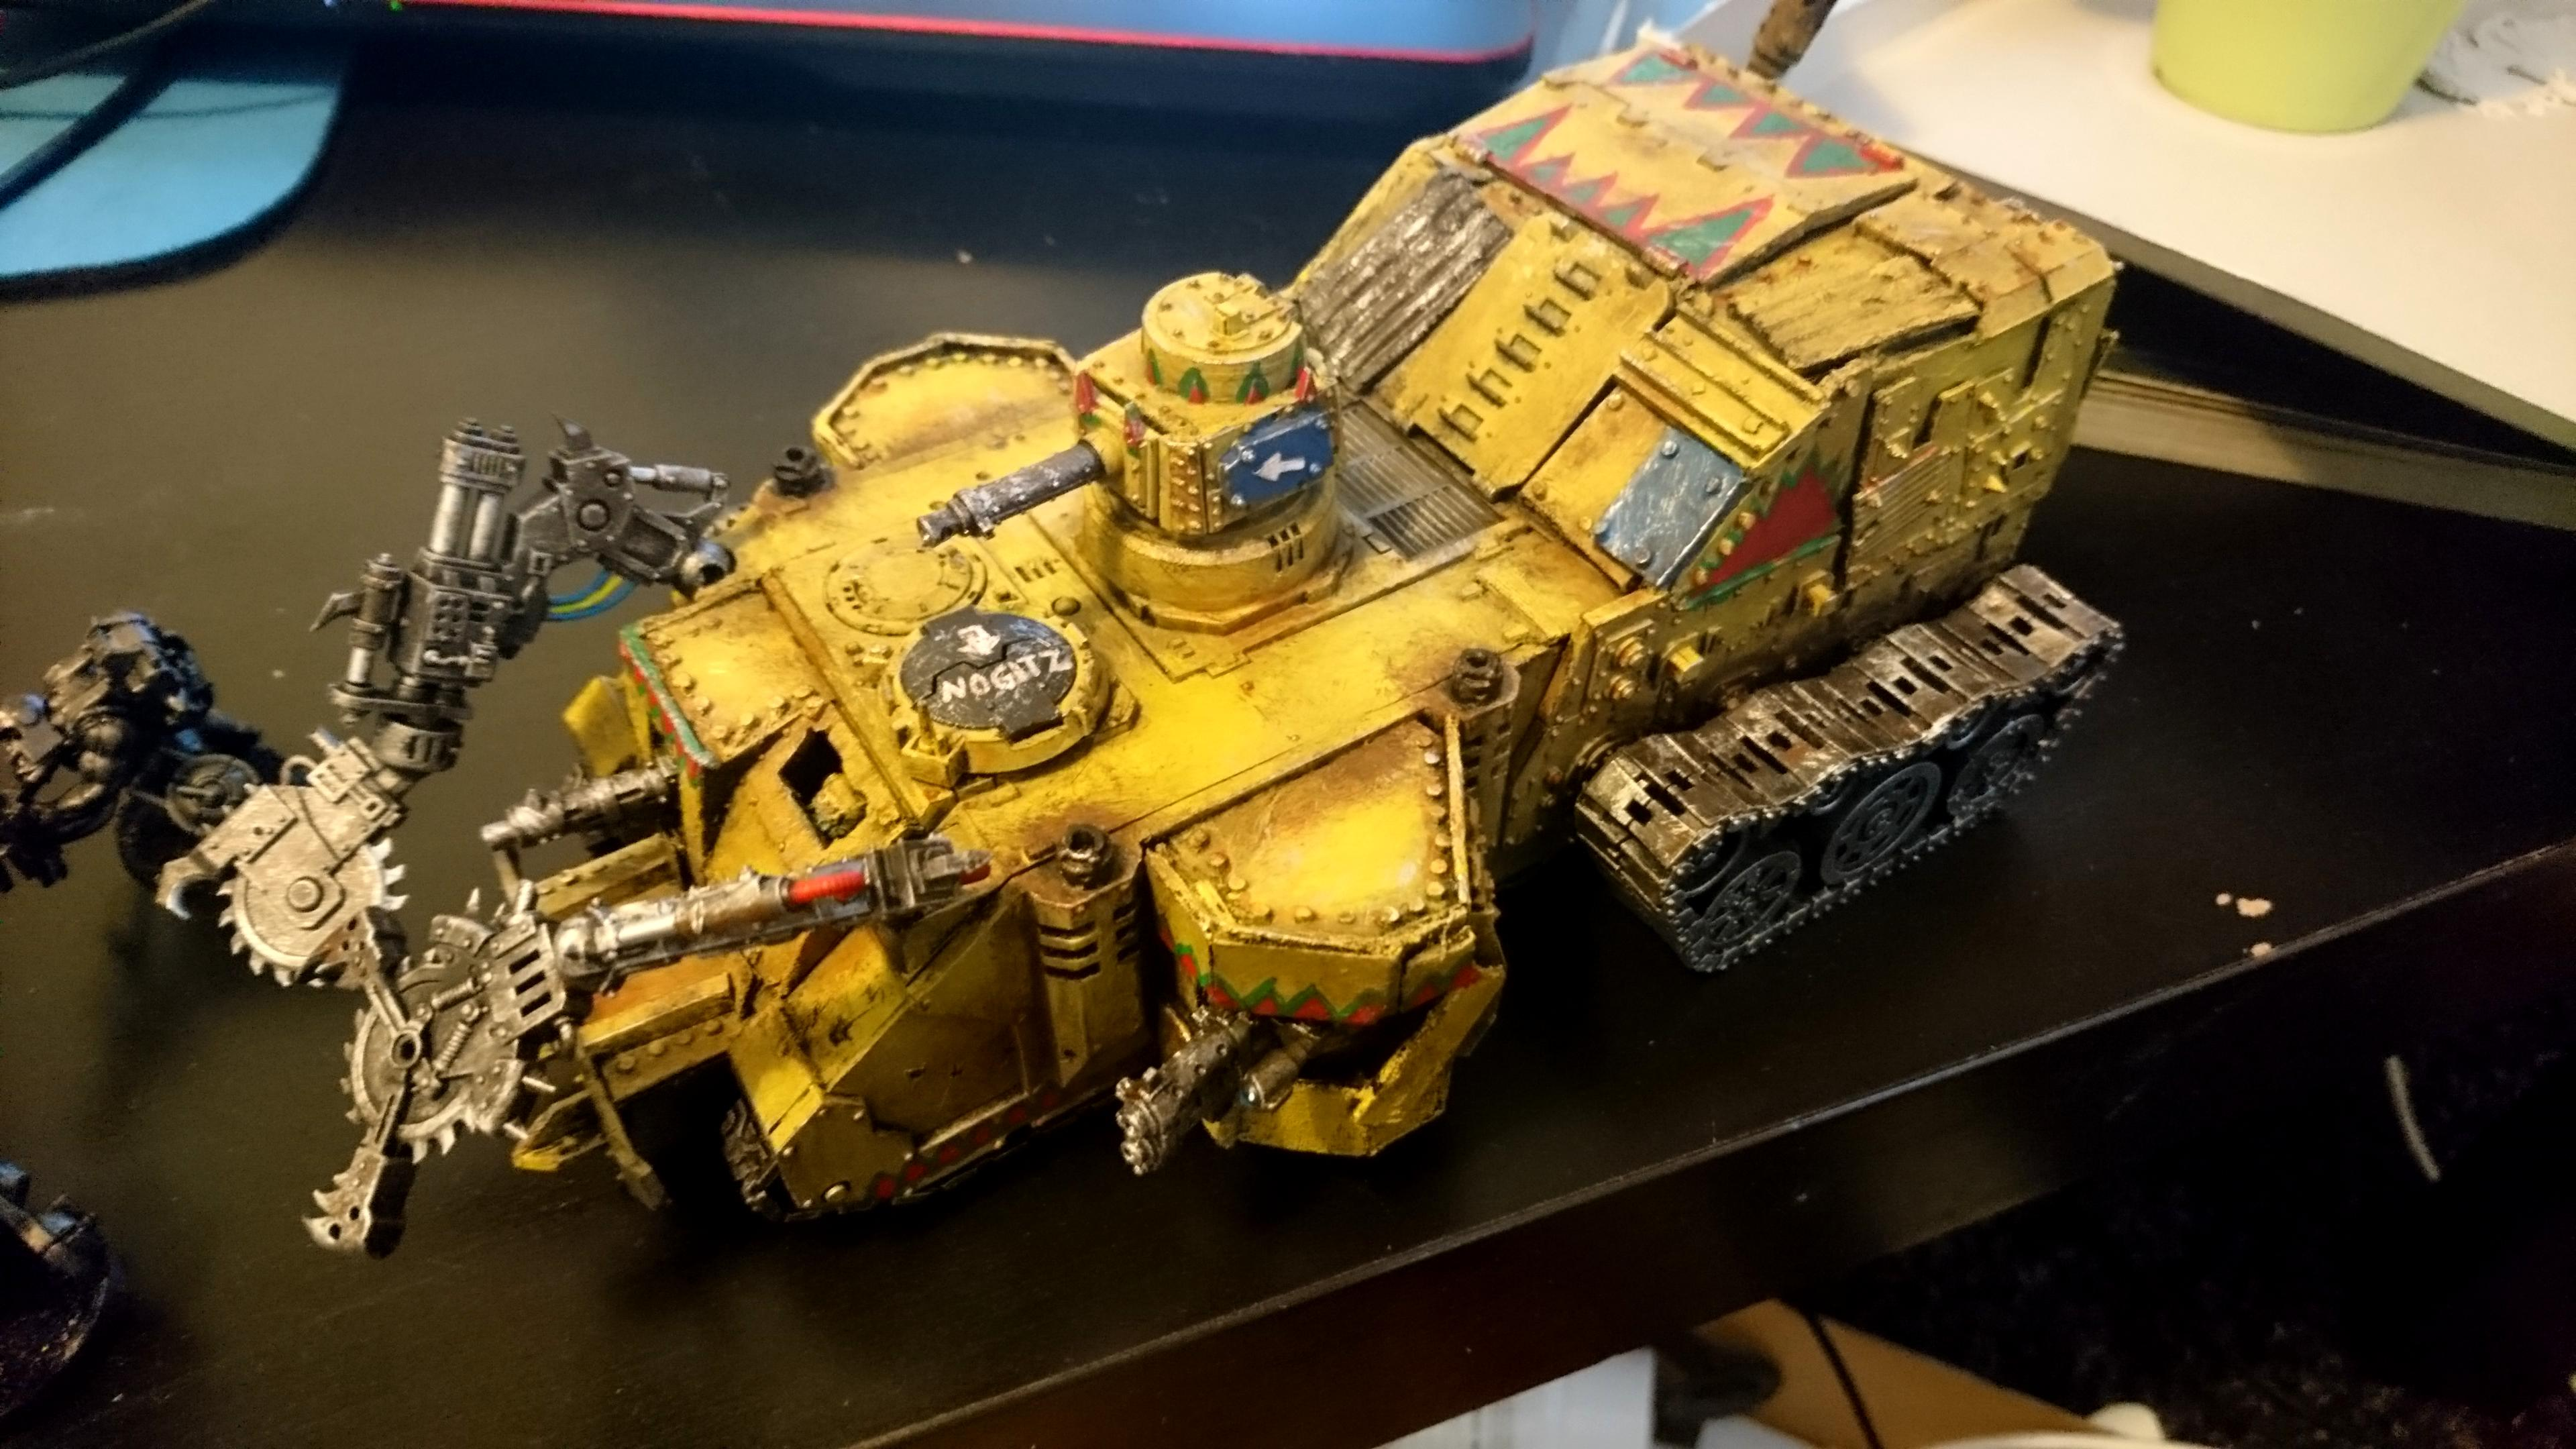 Battlewagon, Conversion, Looted, Orks, Rhino, Warhammer 40,000